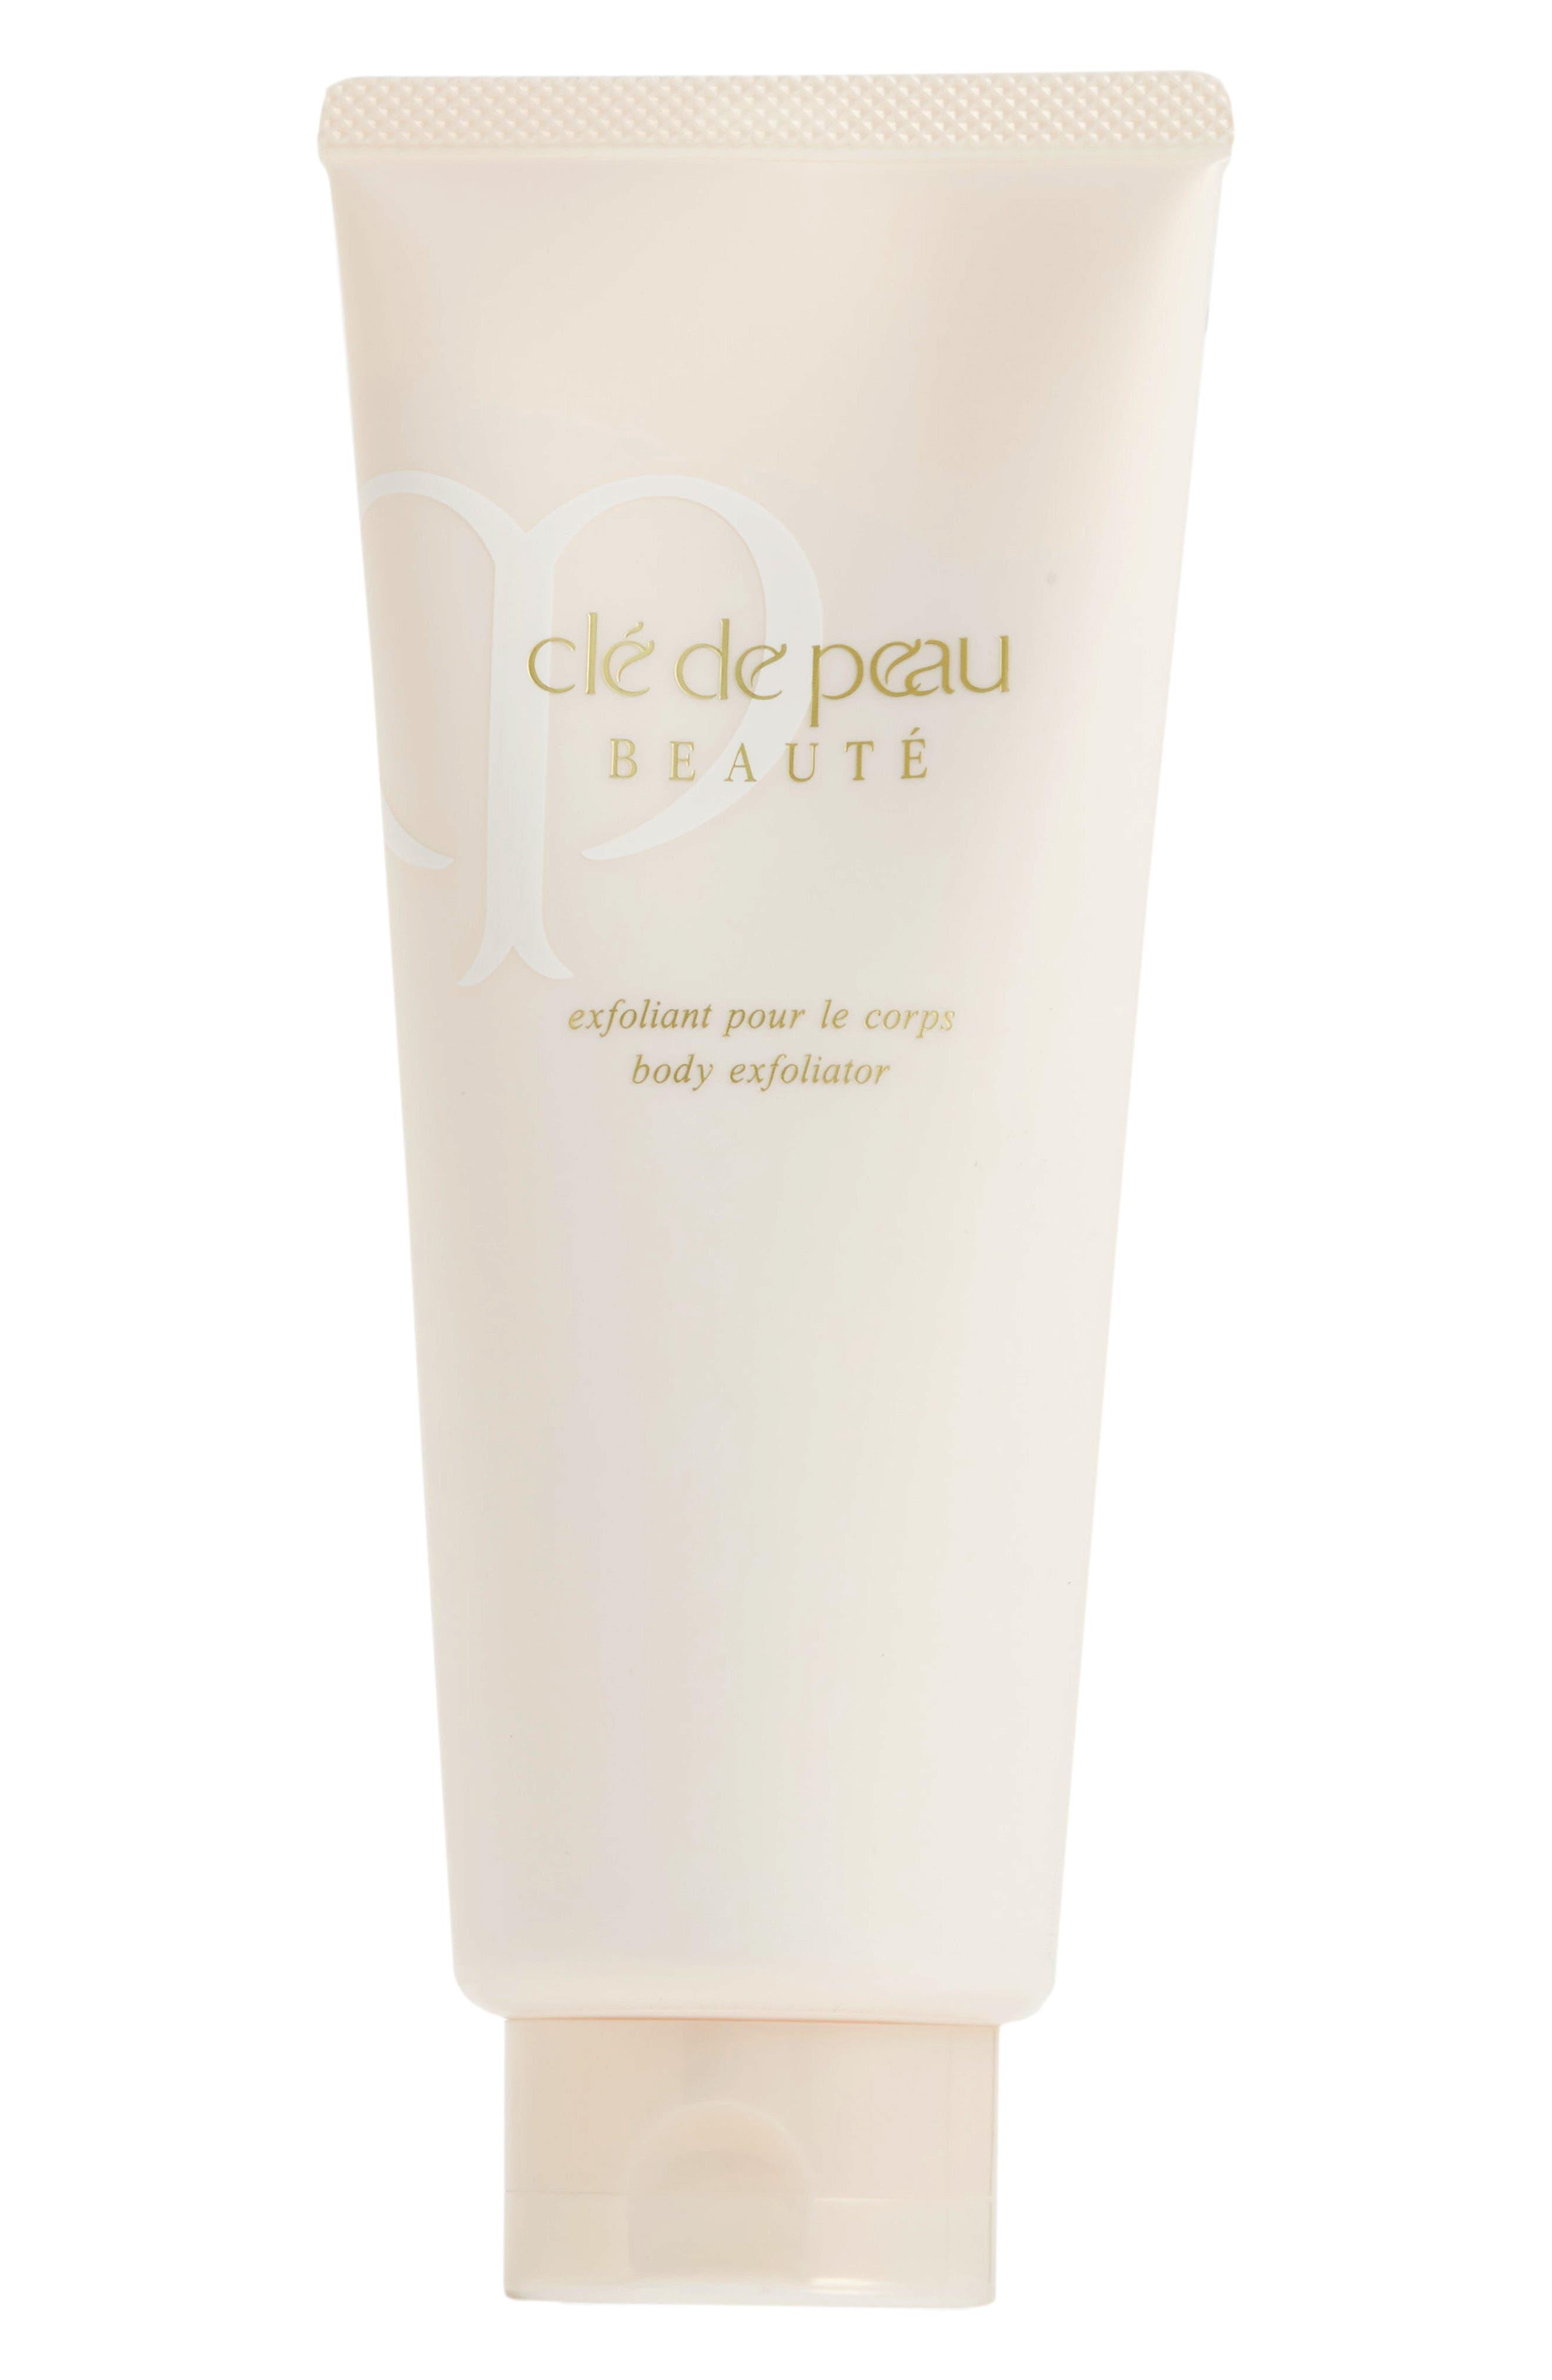 Clé de Peau Beauté Body Exfoliator